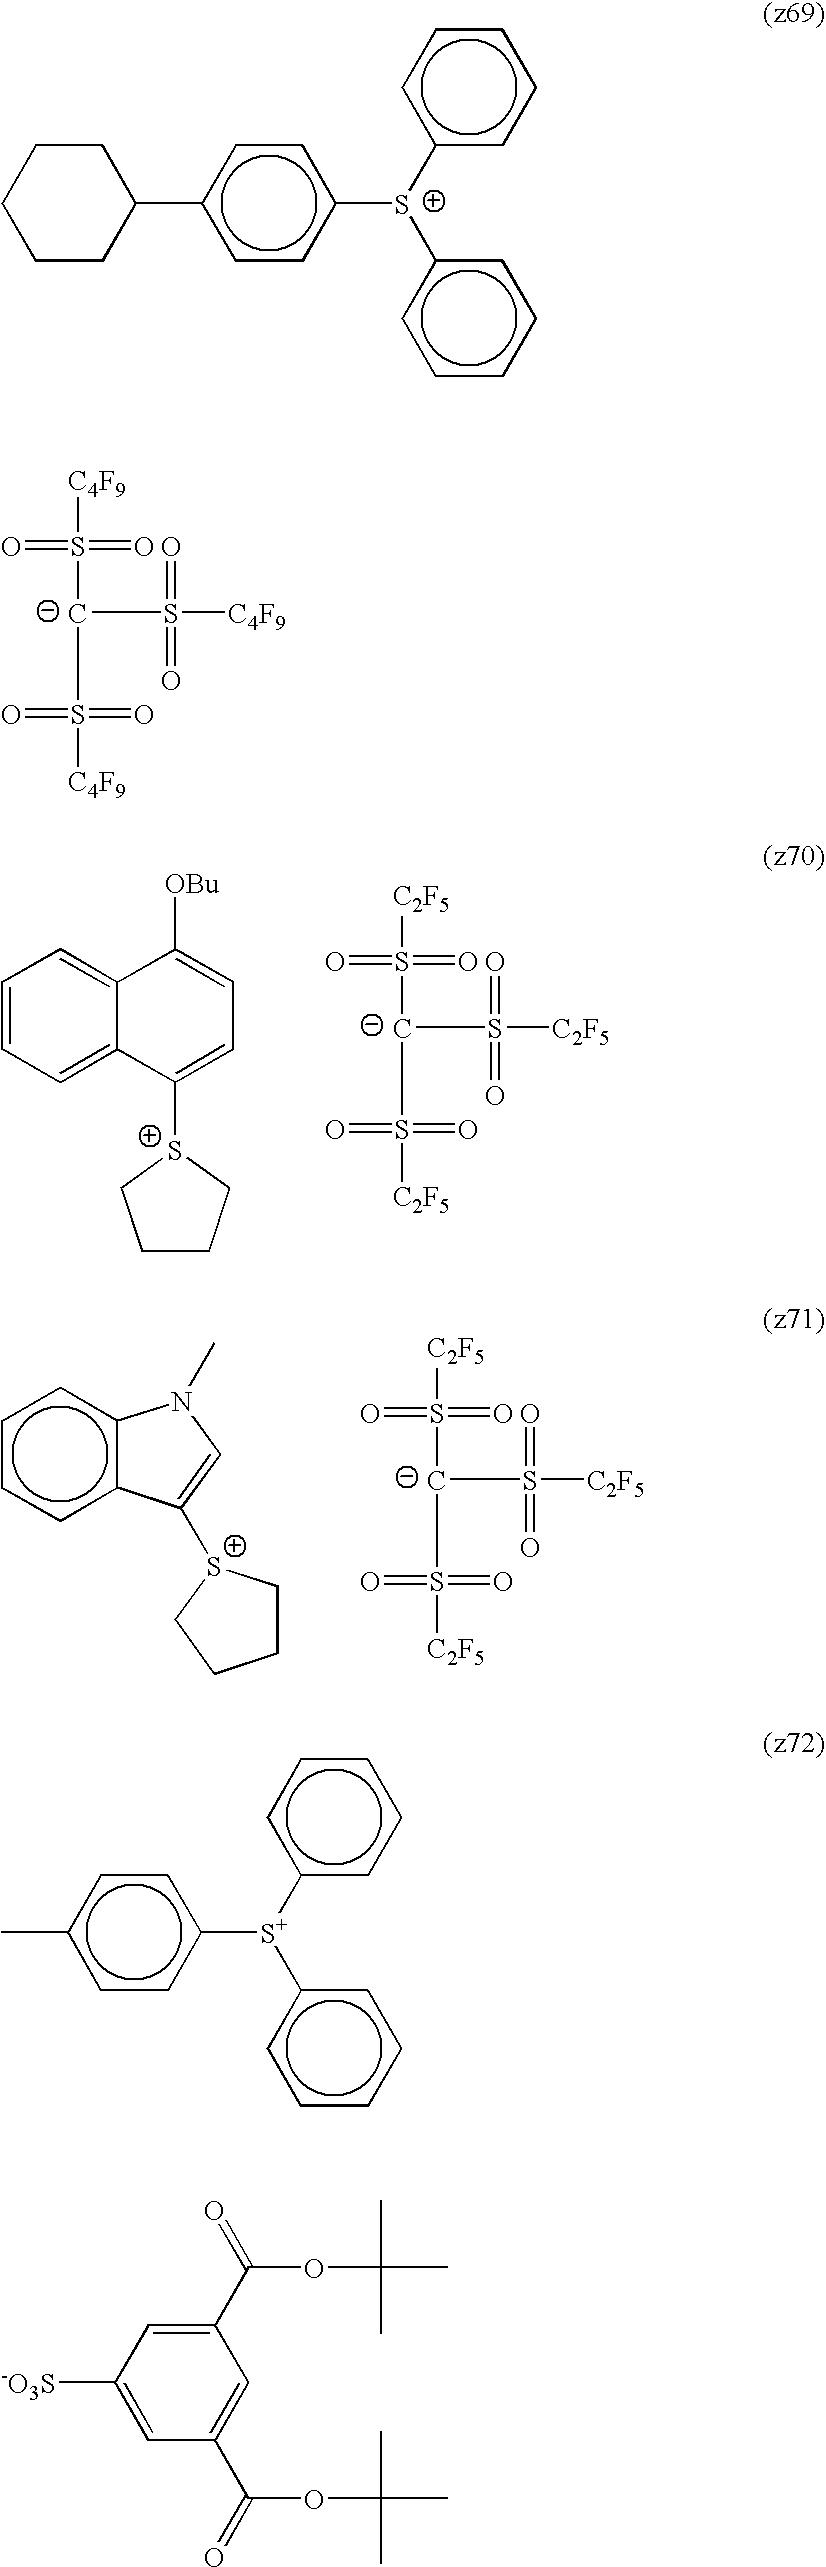 Figure US08637229-20140128-C00062